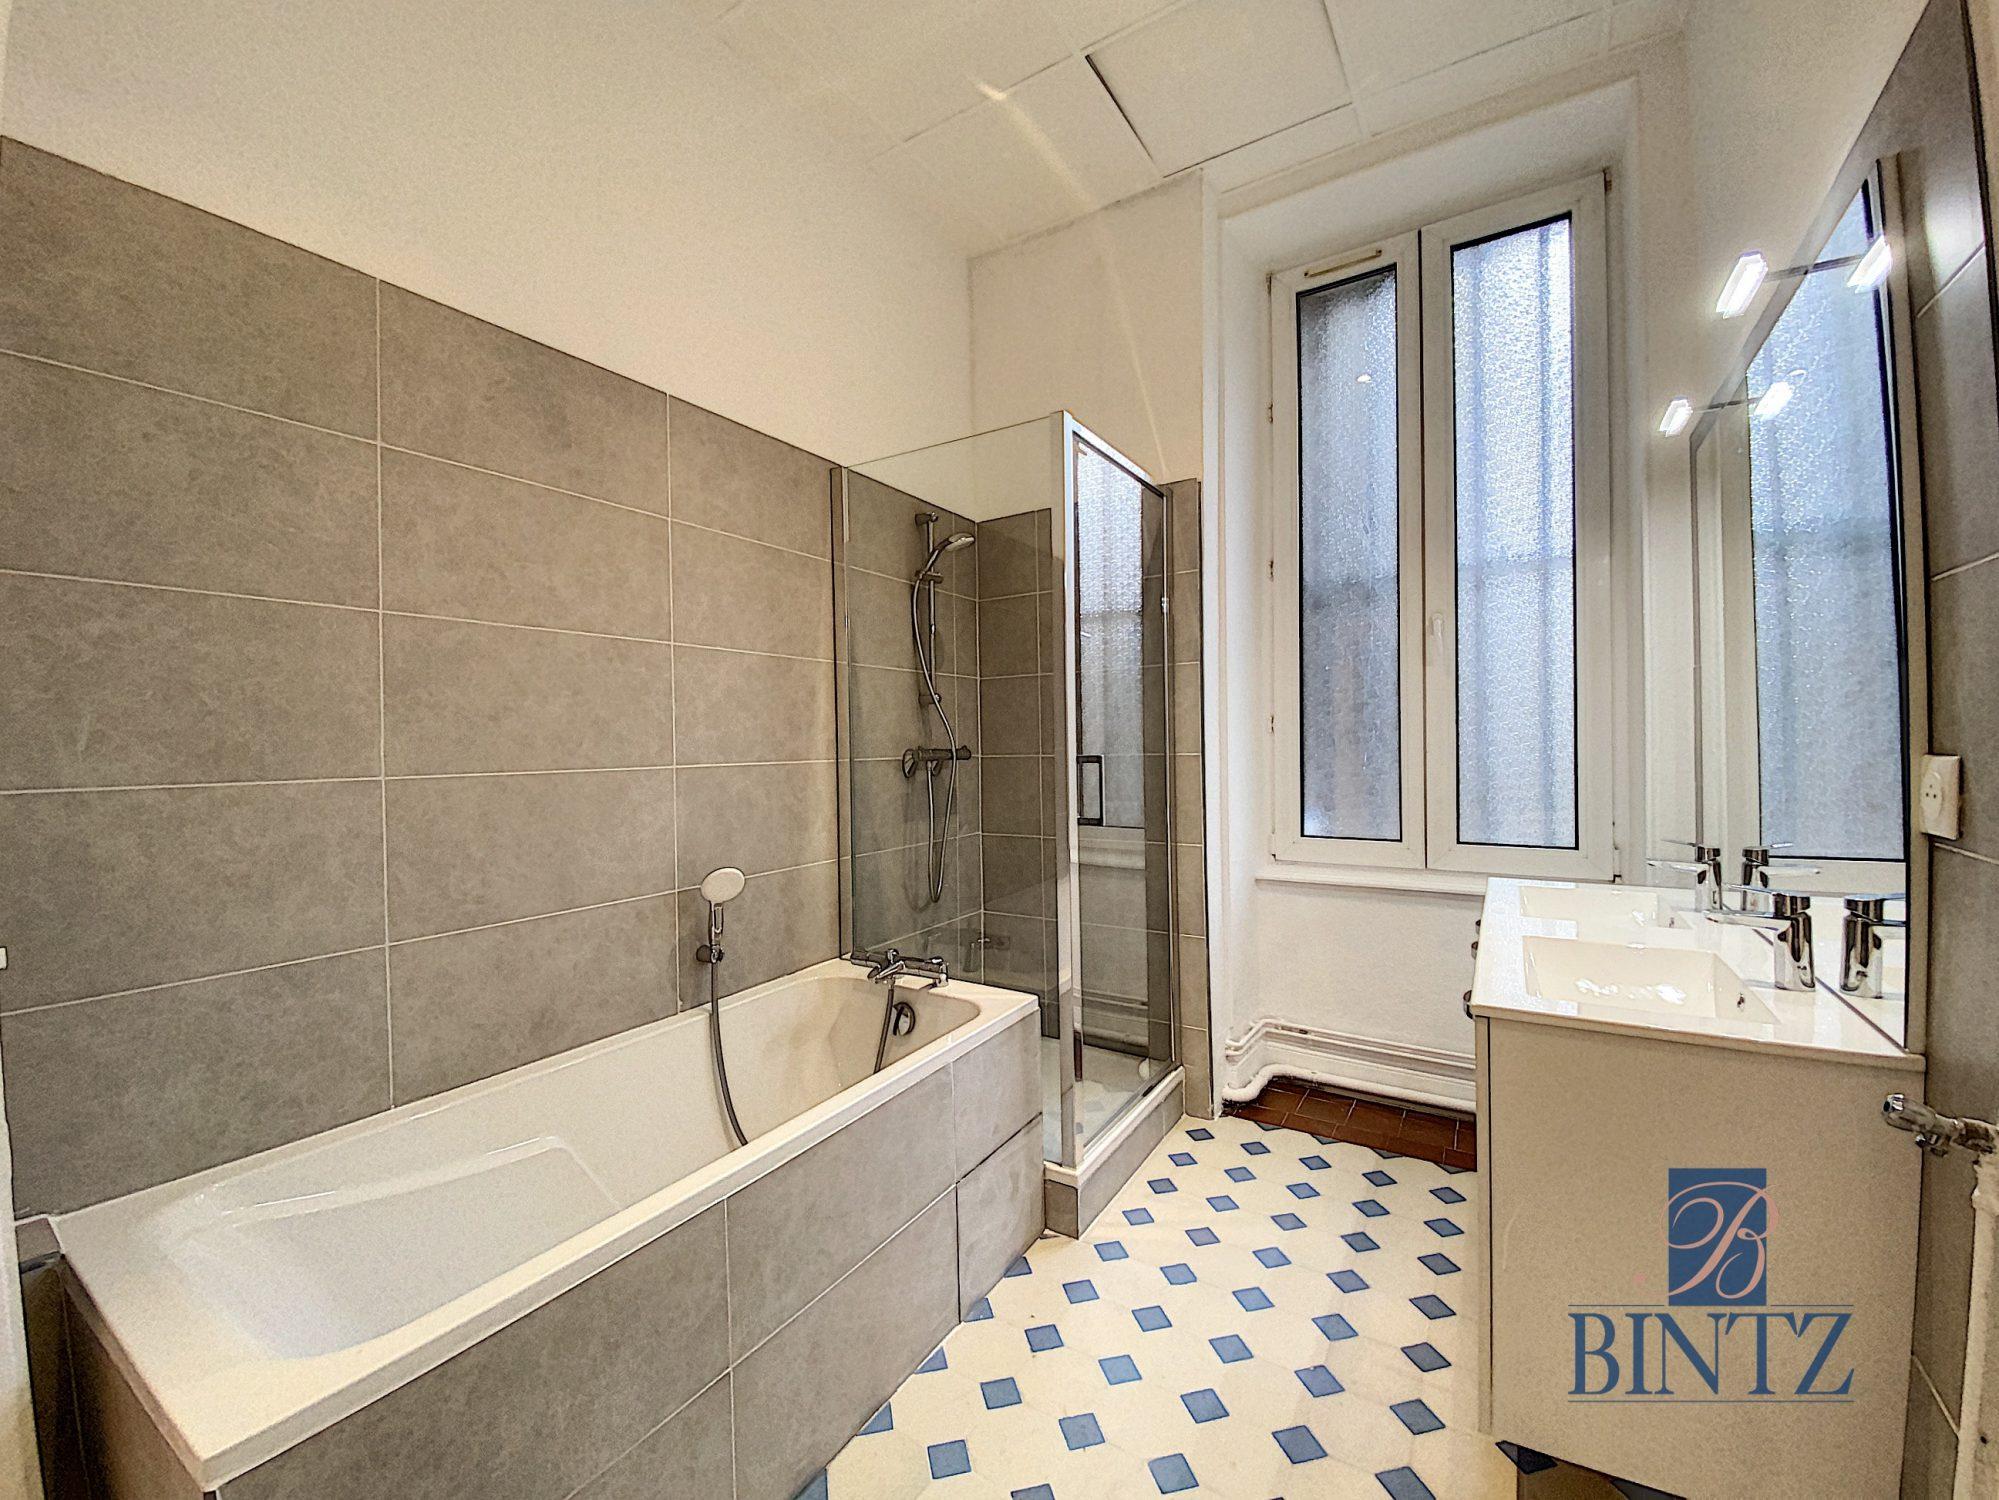 5 pièces rue Wimpheling - Devenez locataire en toute sérénité - Bintz Immobilier - 3